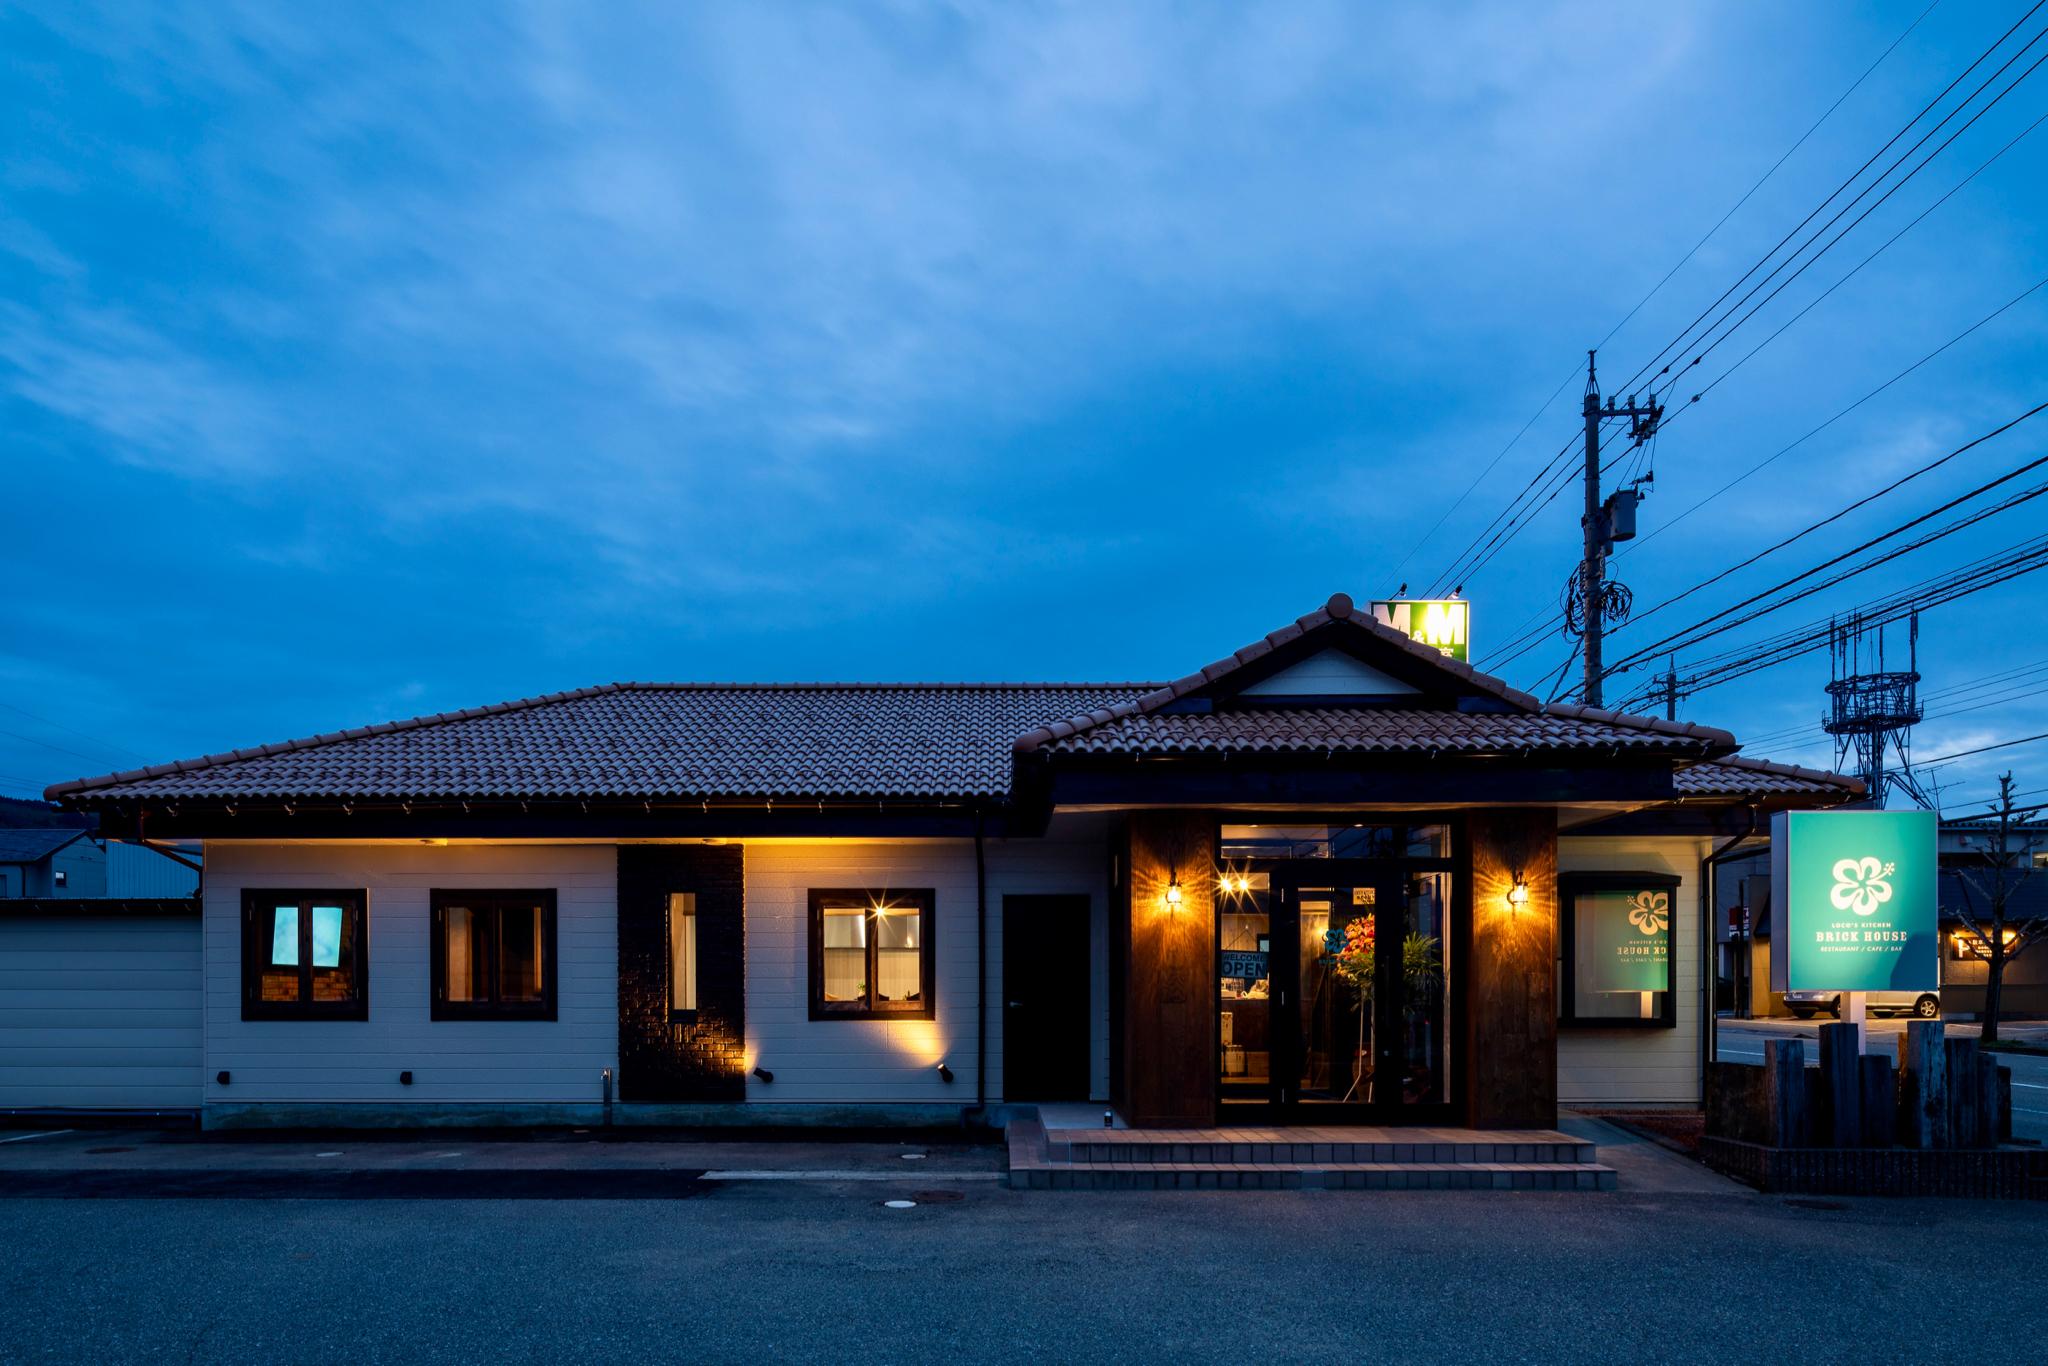 LOCO'S KITCHEN BRICK HOUSE